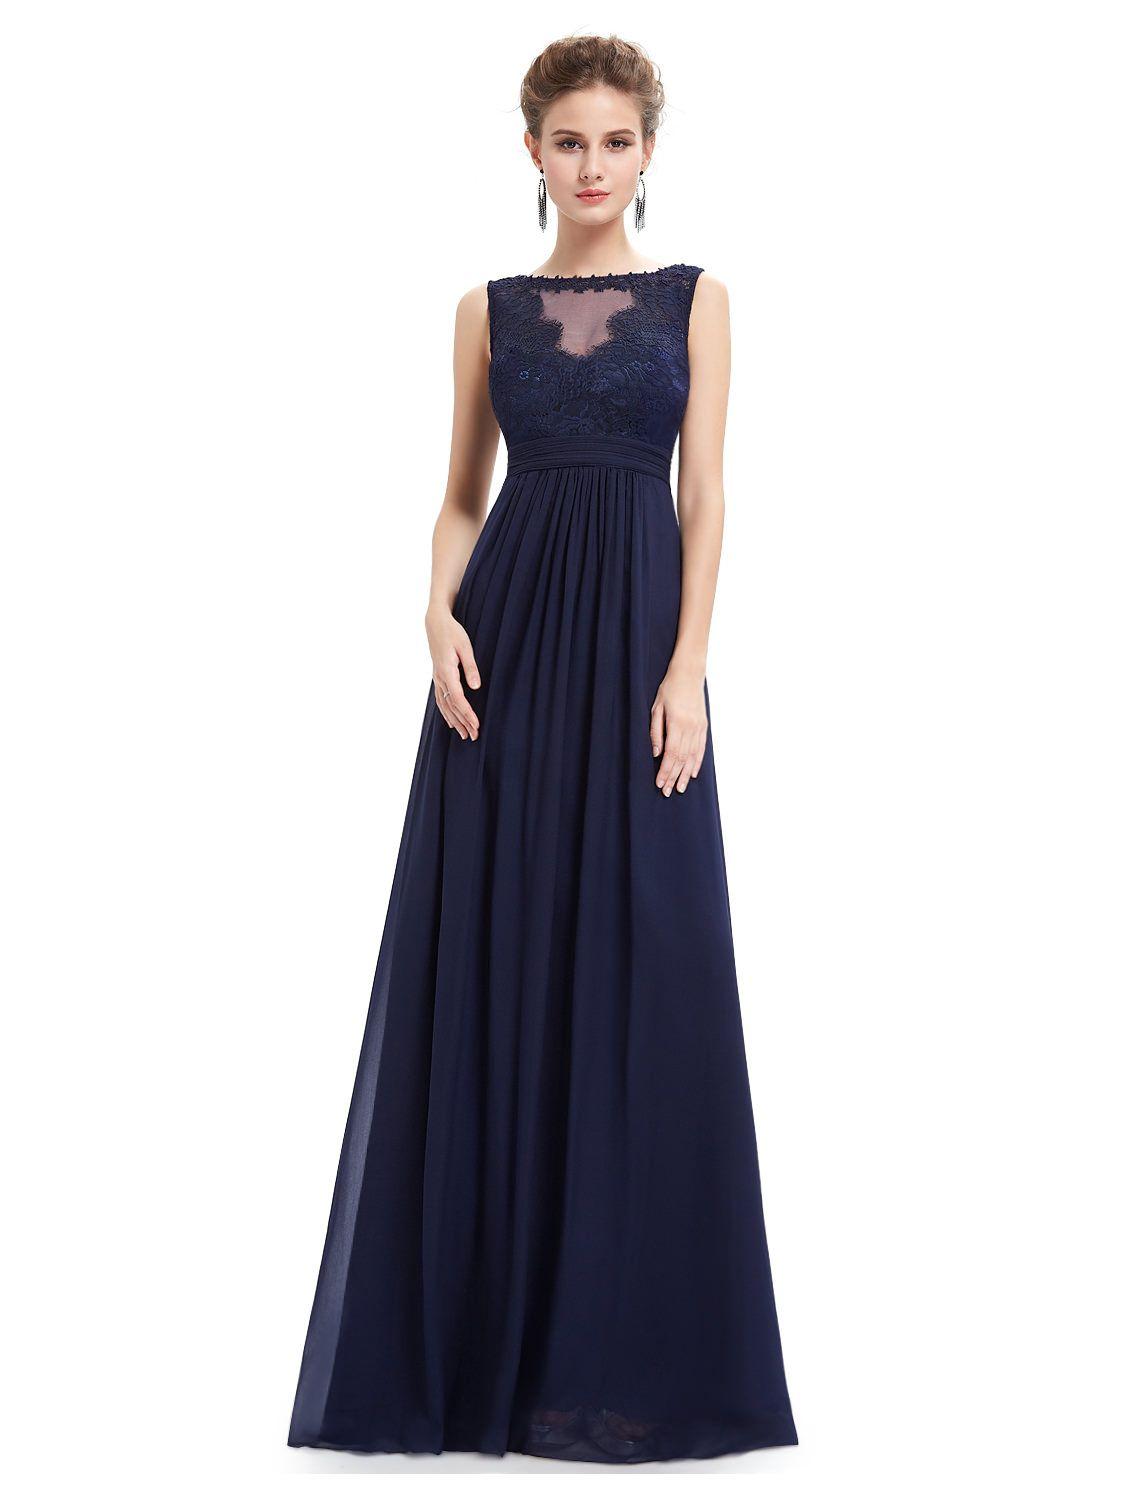 Langes Abendkleid mit Spitze in Blau  Abschlussball kleider